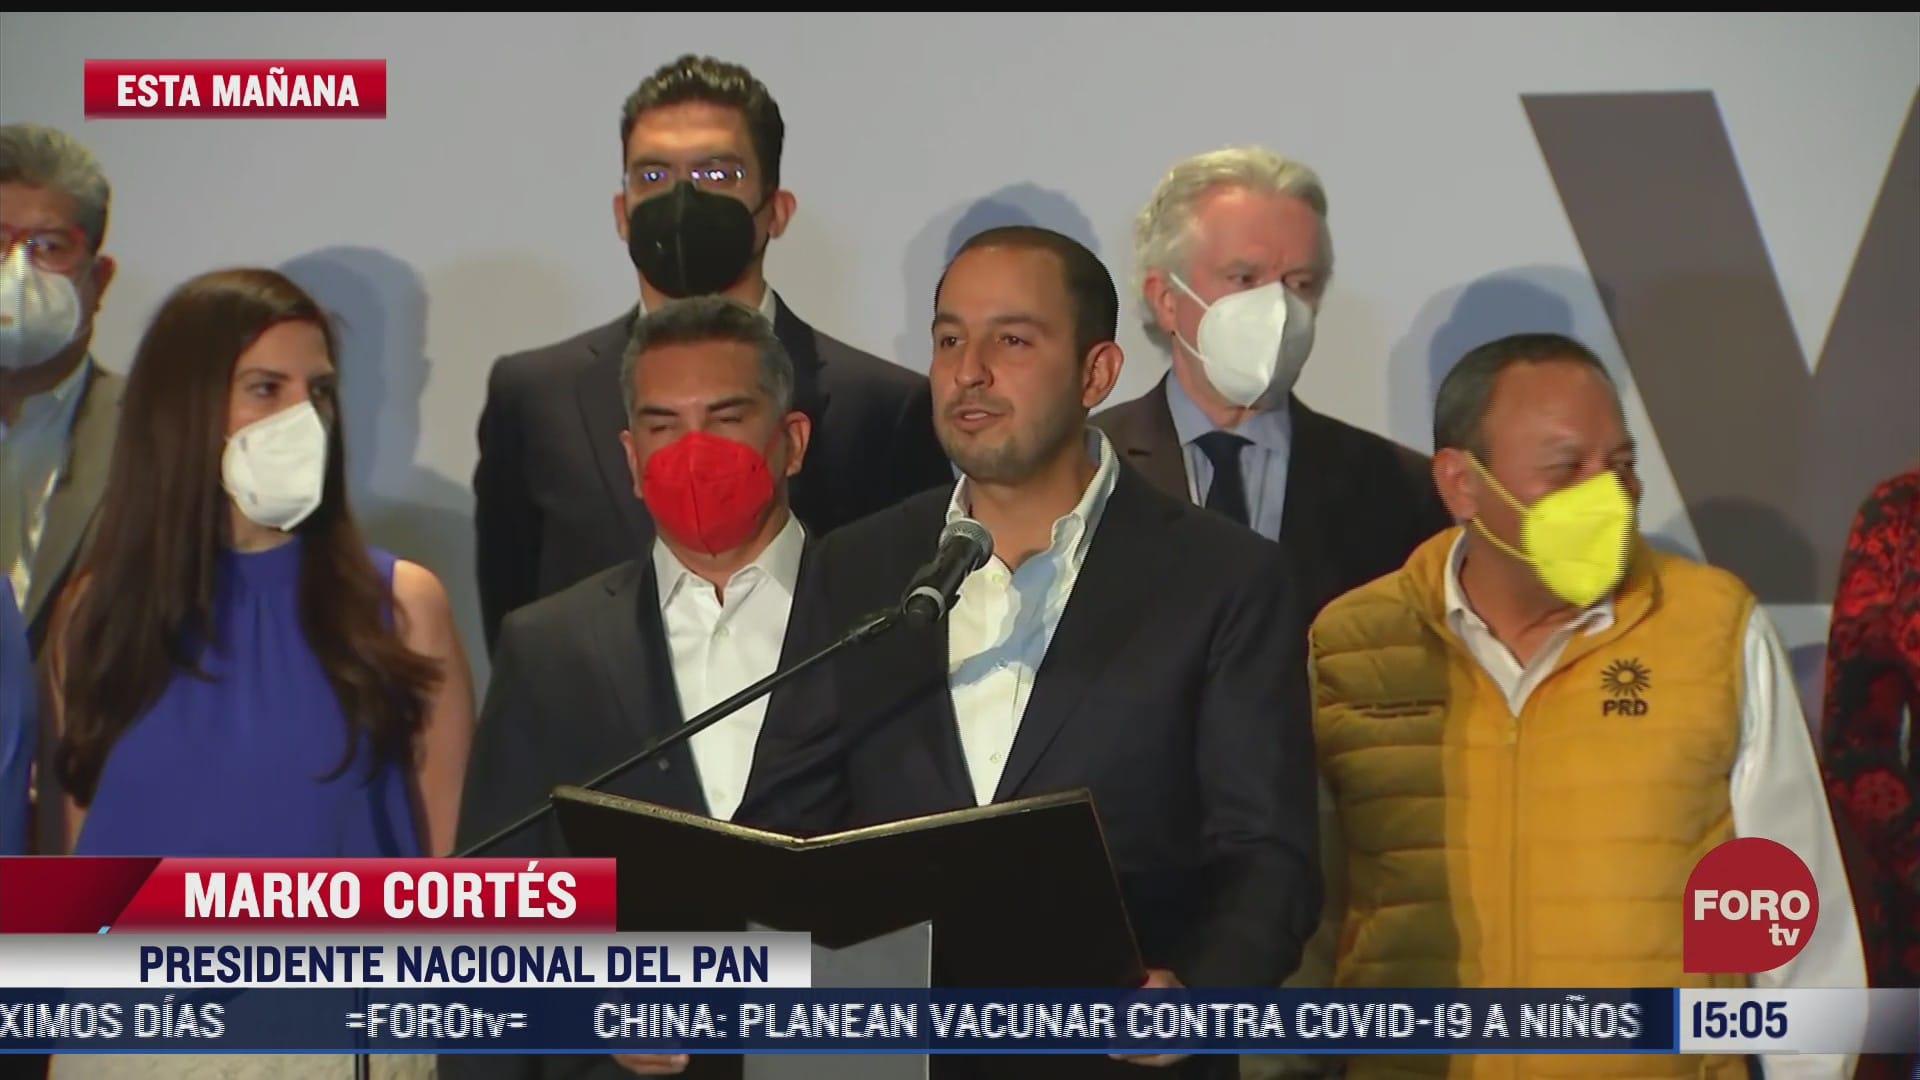 pri pan y prd celebran resultados de coalicion va por mexico